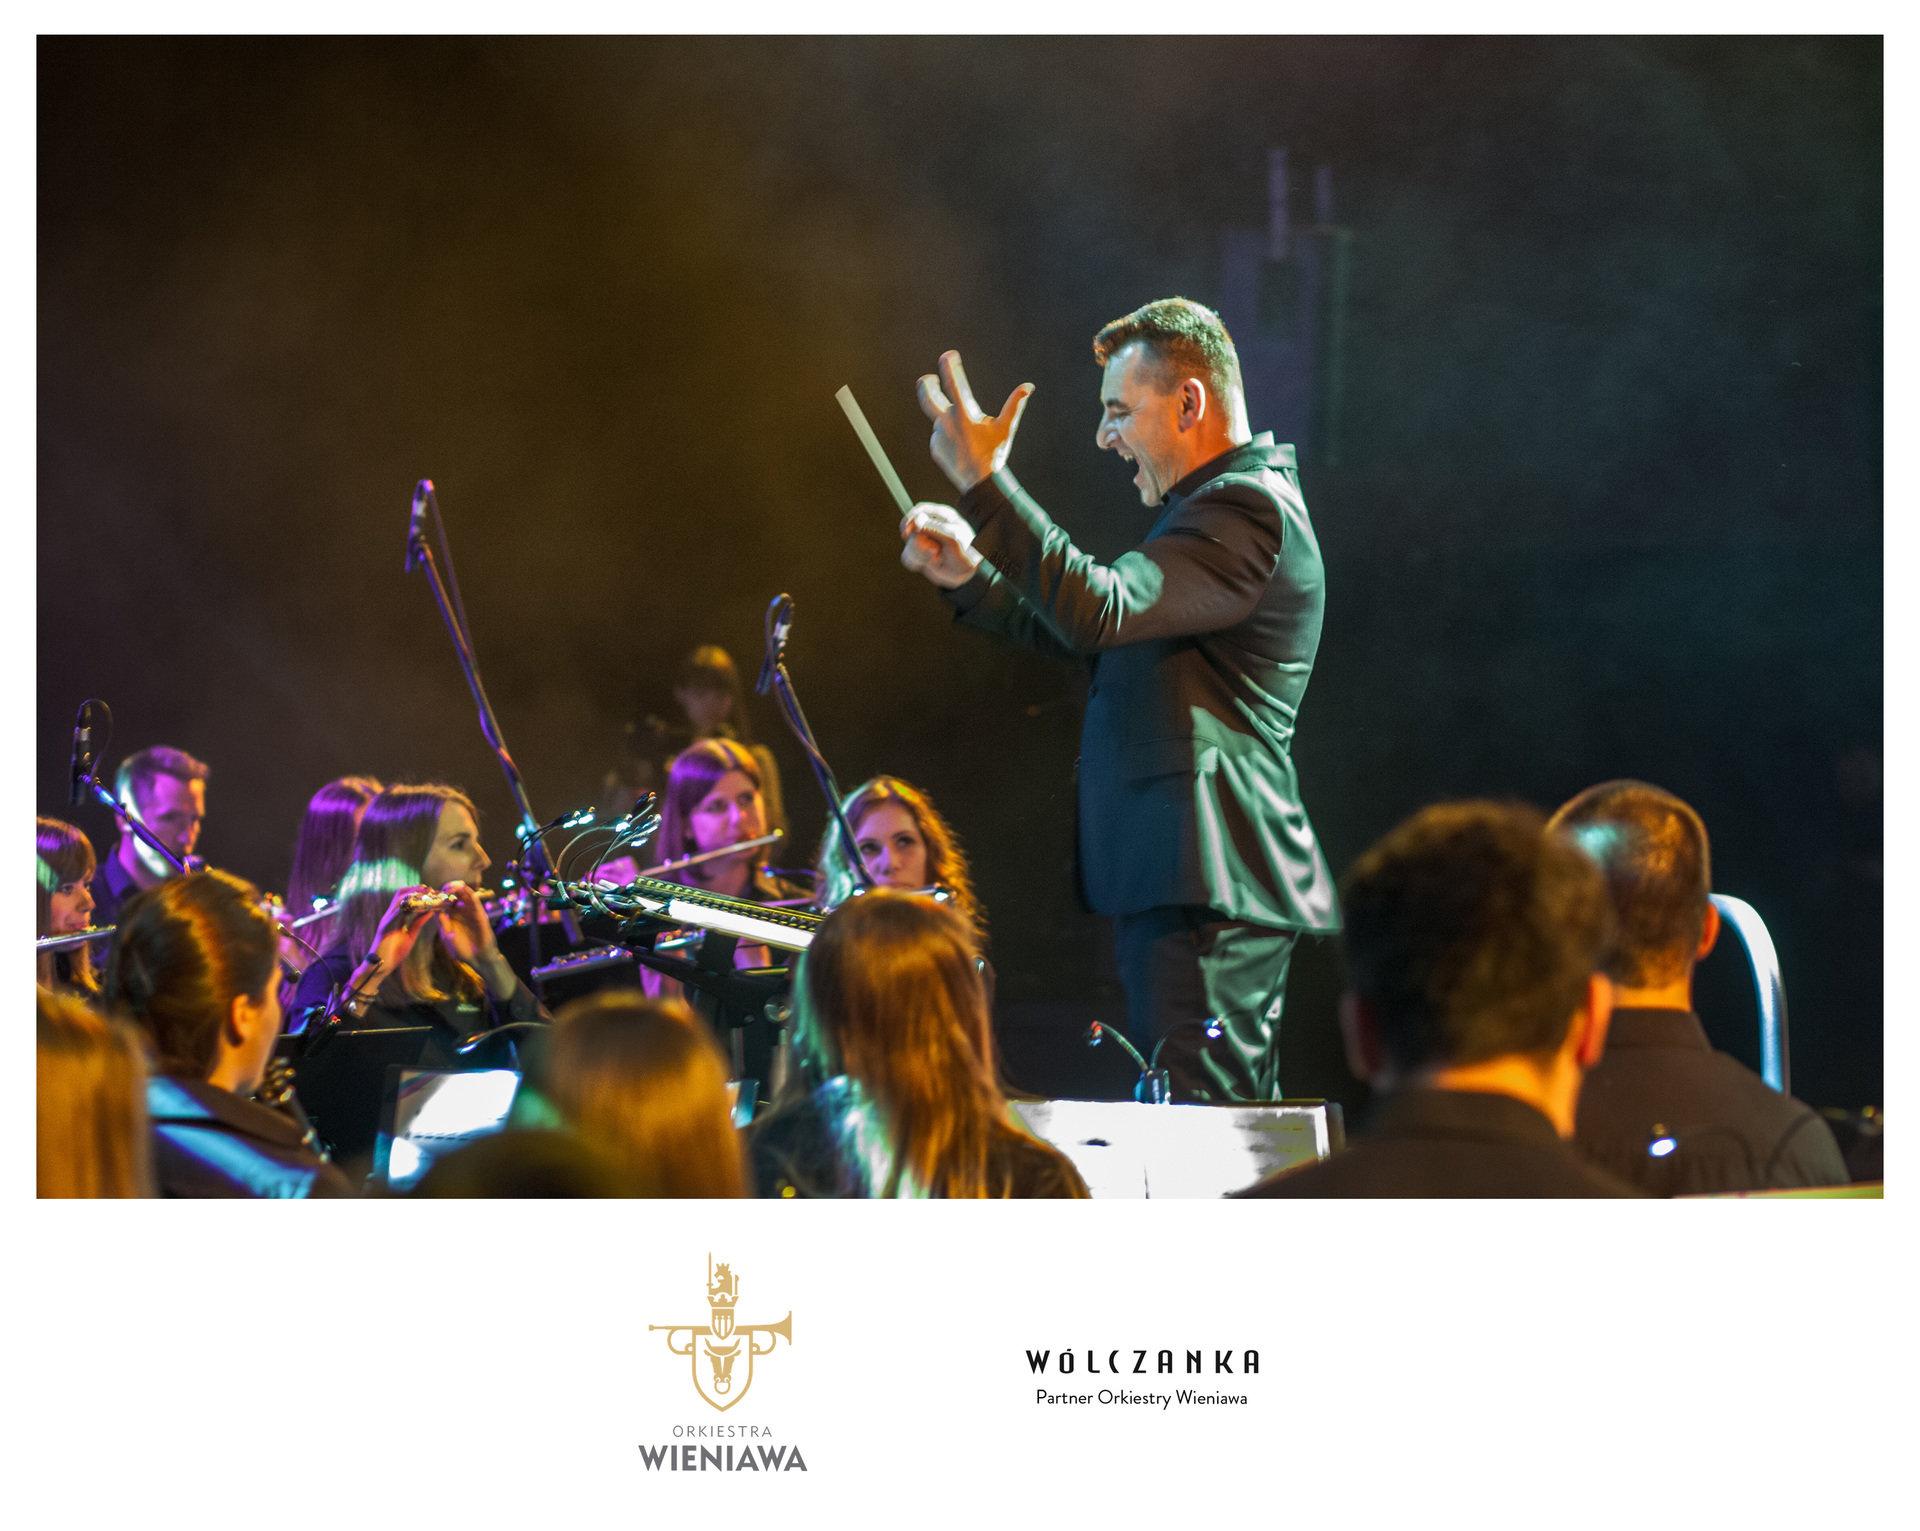 Orkiestra Wieniawa w koszulach od Wólczanki